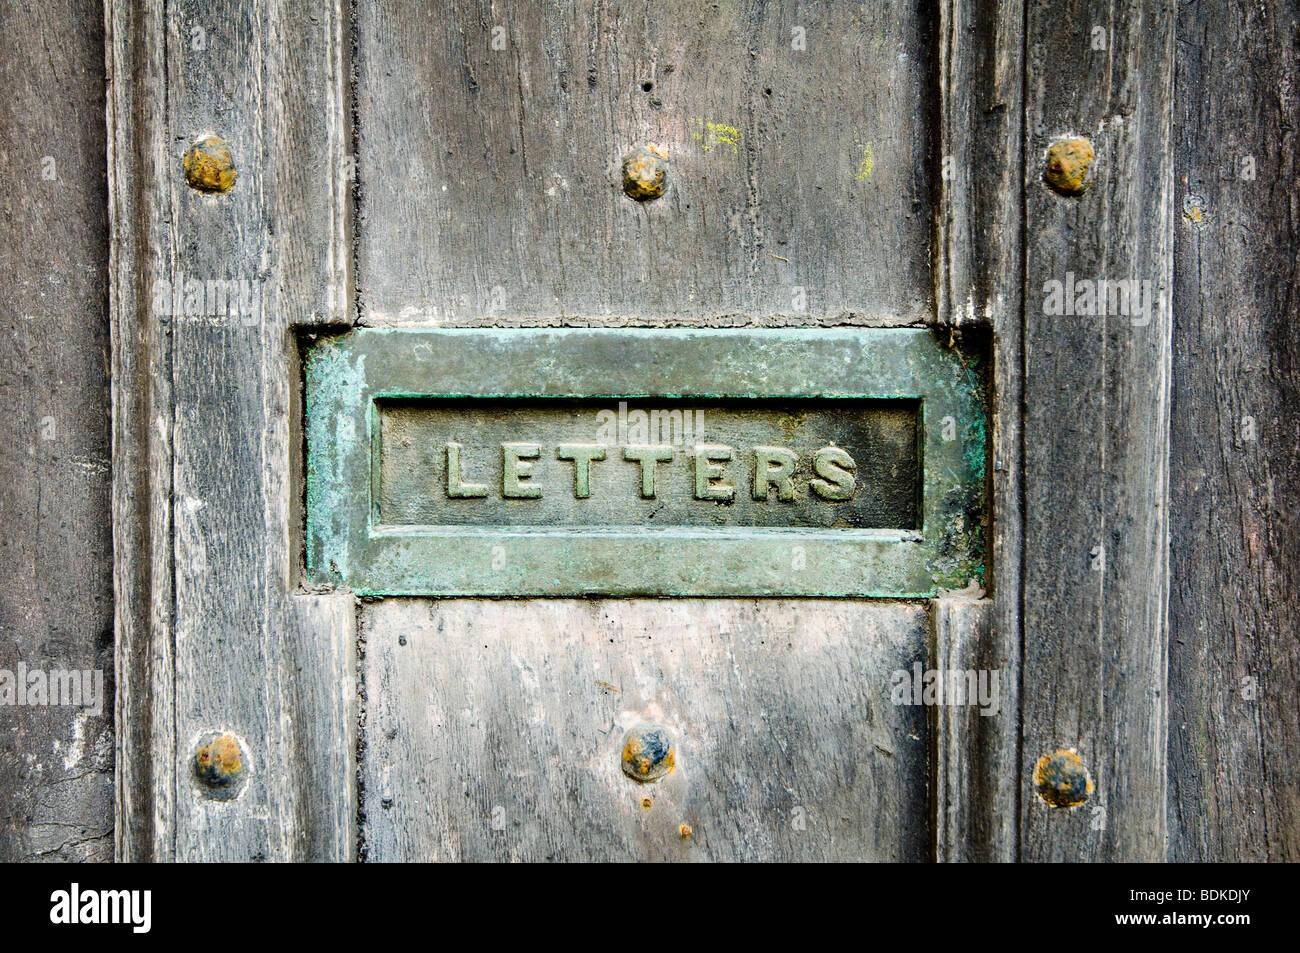 Une boîte à lettres, avec une patine vert de gris, insérés dans une vieille porte en chêne et patiné, avec des clous. Banque D'Images